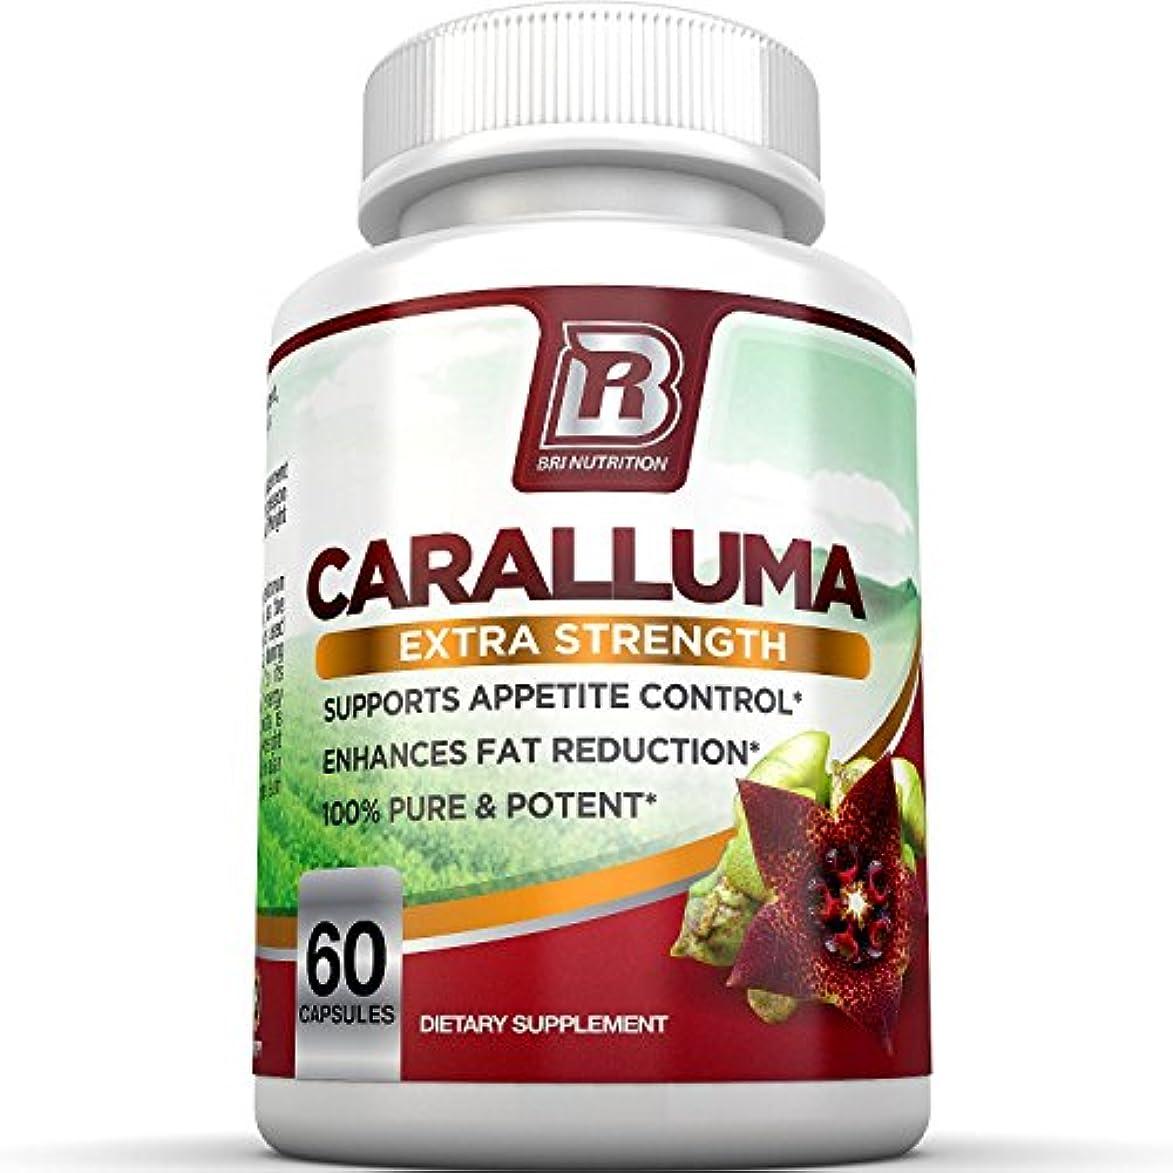 センサー横たわるエンターテインメントBRI栄養カラルマFimbriata - 20 : 1エキス最大耐力?サプリメント - 30日サプライ60ctベジカプセル - ピュアインドカラルマFimbriataから作りました BRI Nutrition Caralluma...